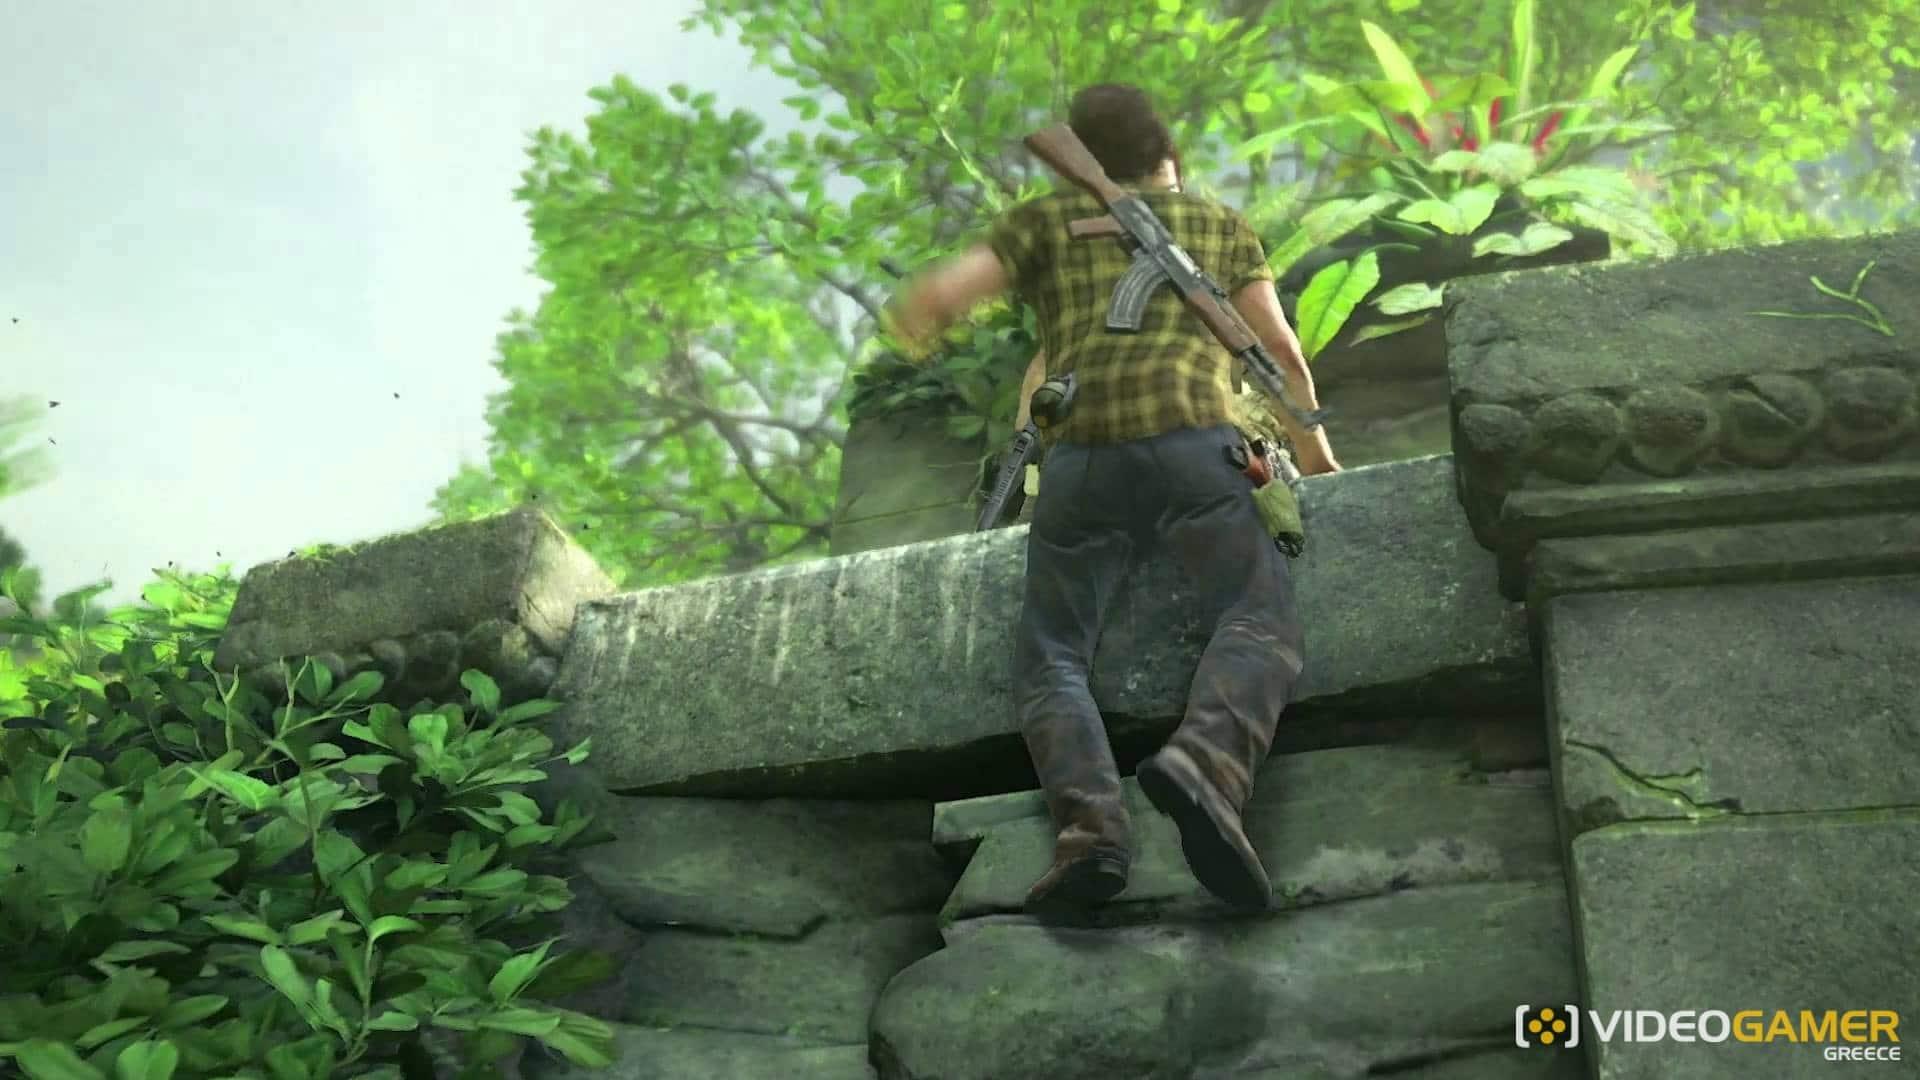 Το πρώτο multiplayer DLC του Uncharted 4 έρχεται μέσα στην εβδομάδα - videogamer.gr